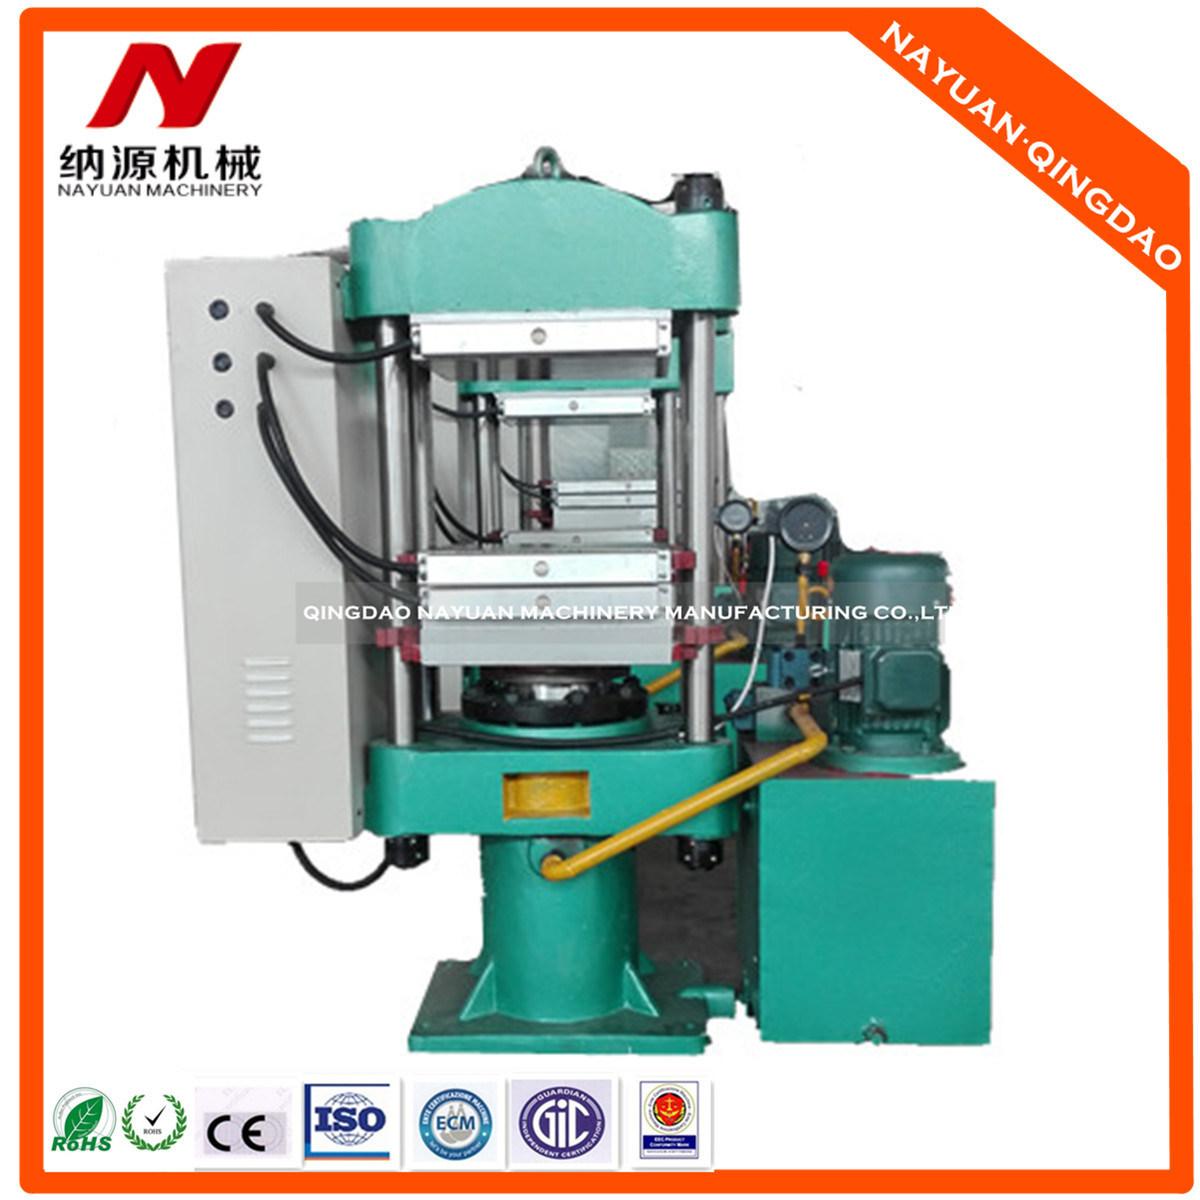 Rubber Vulcanizing Press (Hot Sale In China)